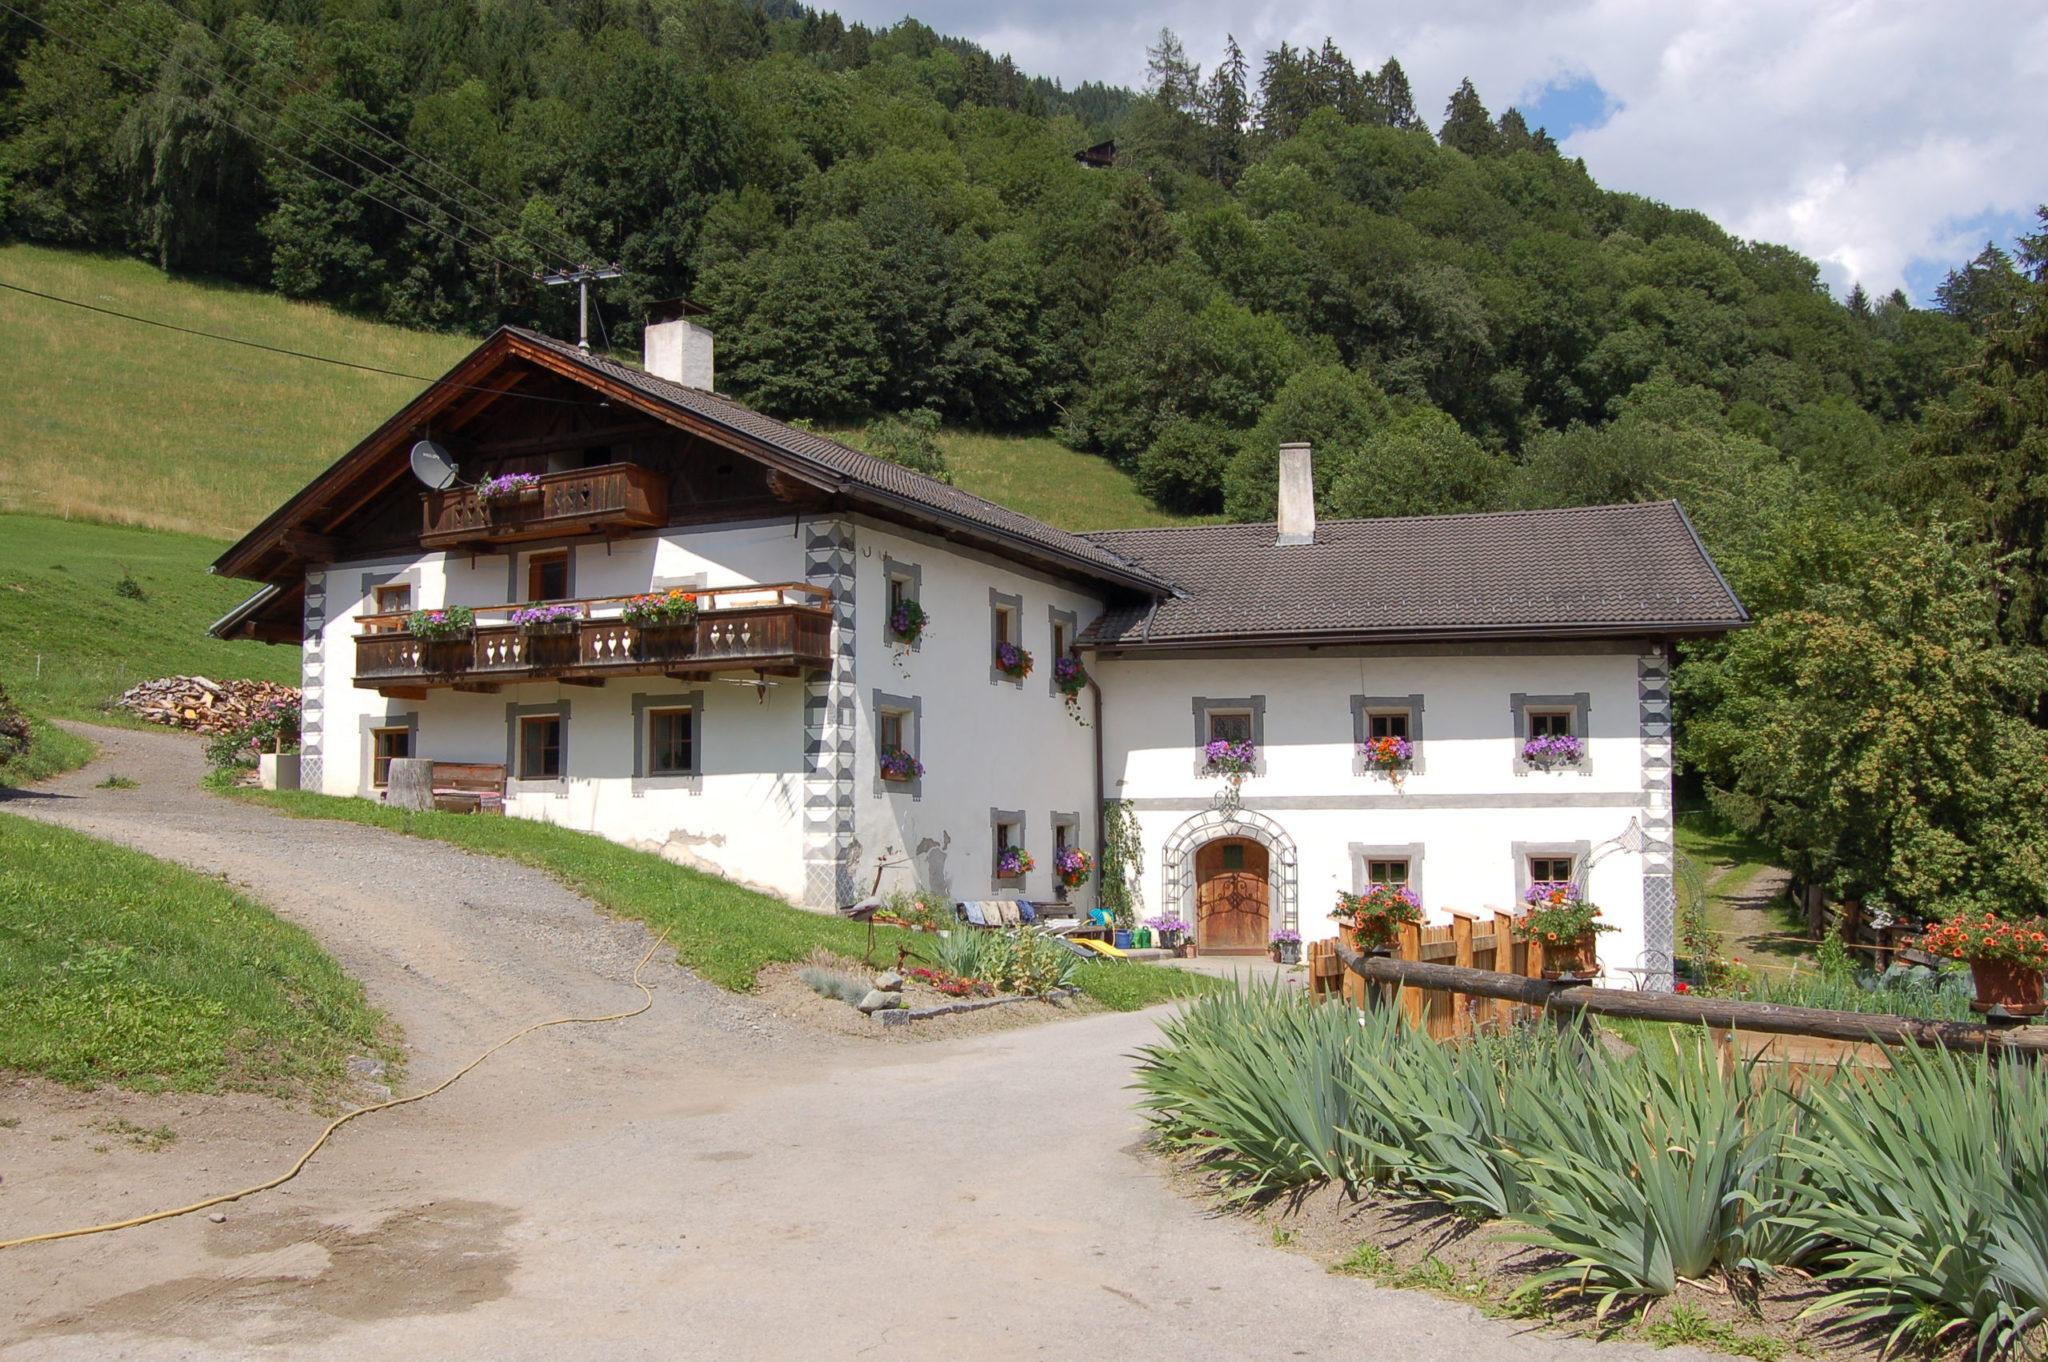 Maso la casa rustica del trentino alto adige casanoi blog for Piani di casa contemporanea rustica